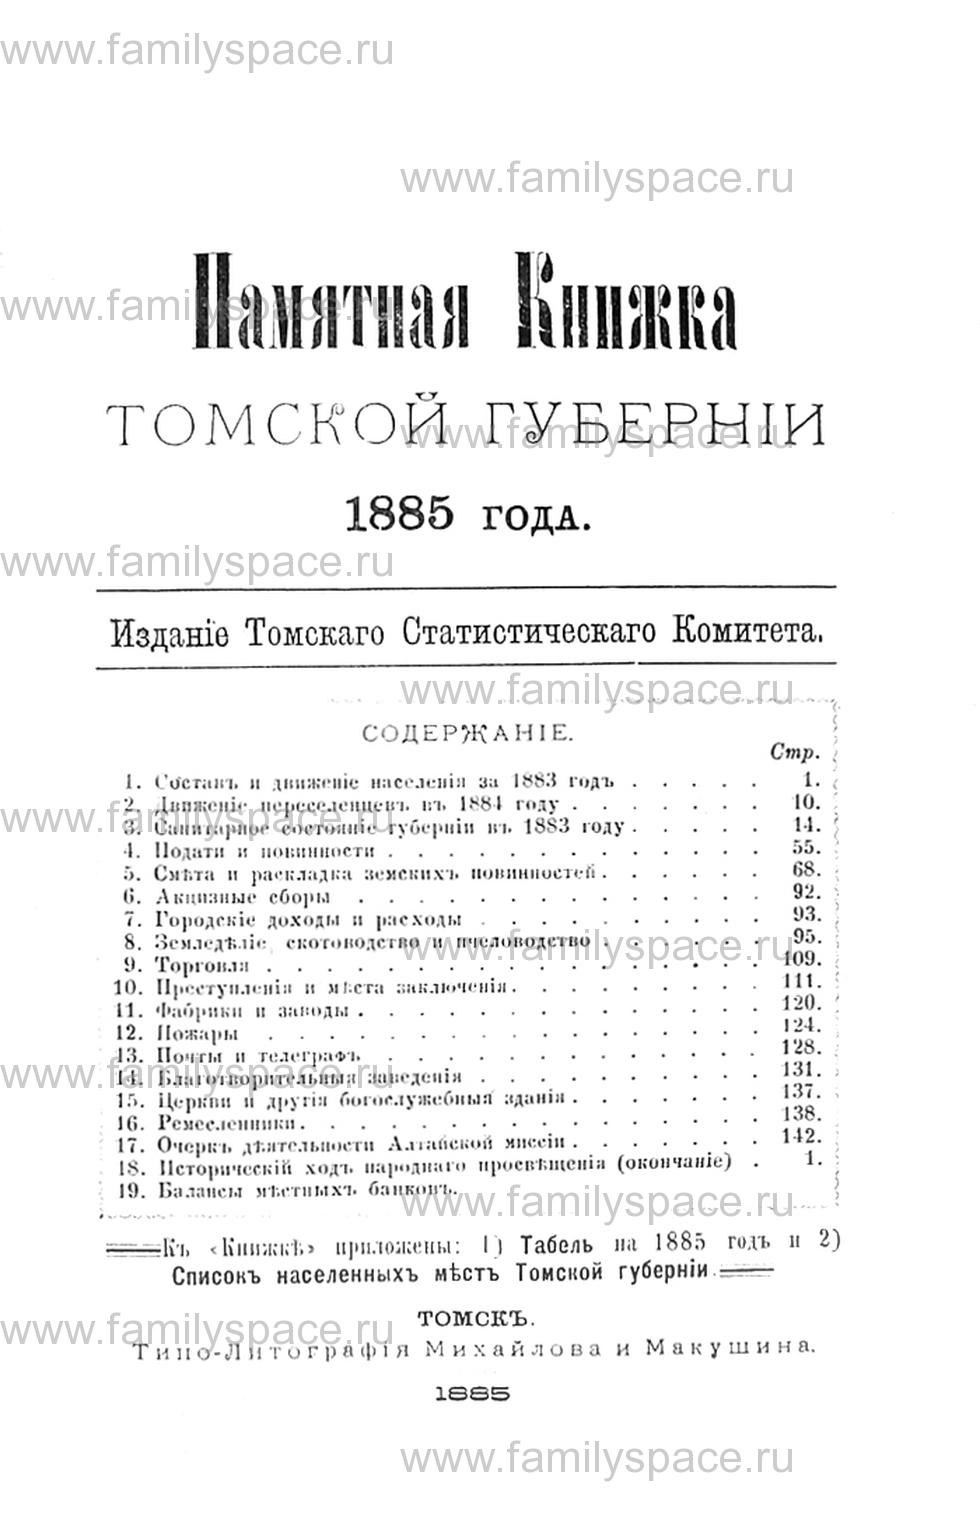 Поиск по фамилии - Памятная книжка Томской губернии - 1885, страница -2